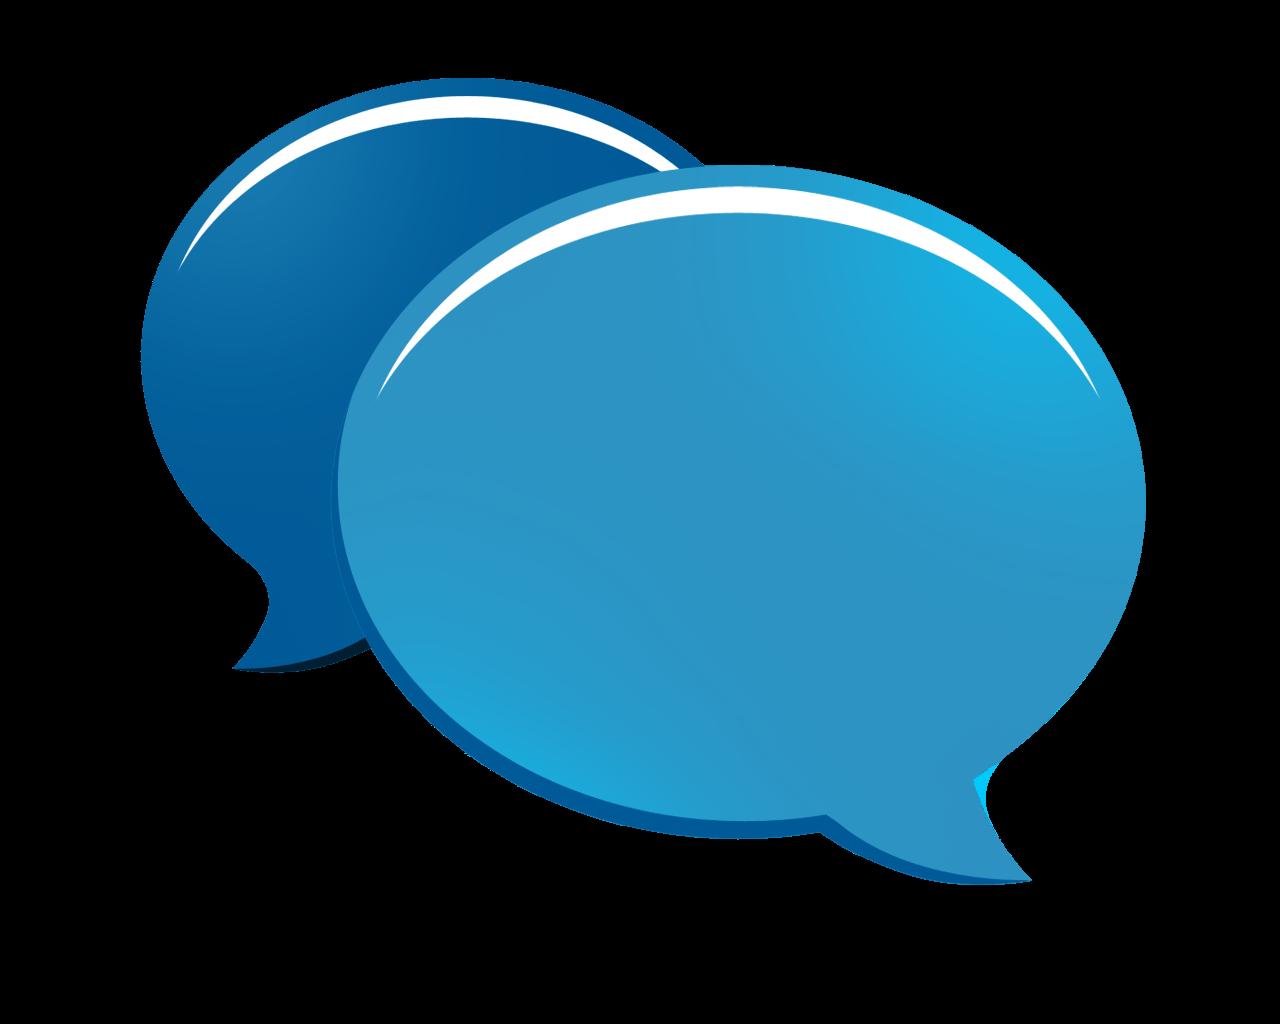 Clipart balloon conversation. Conversations transparent png images